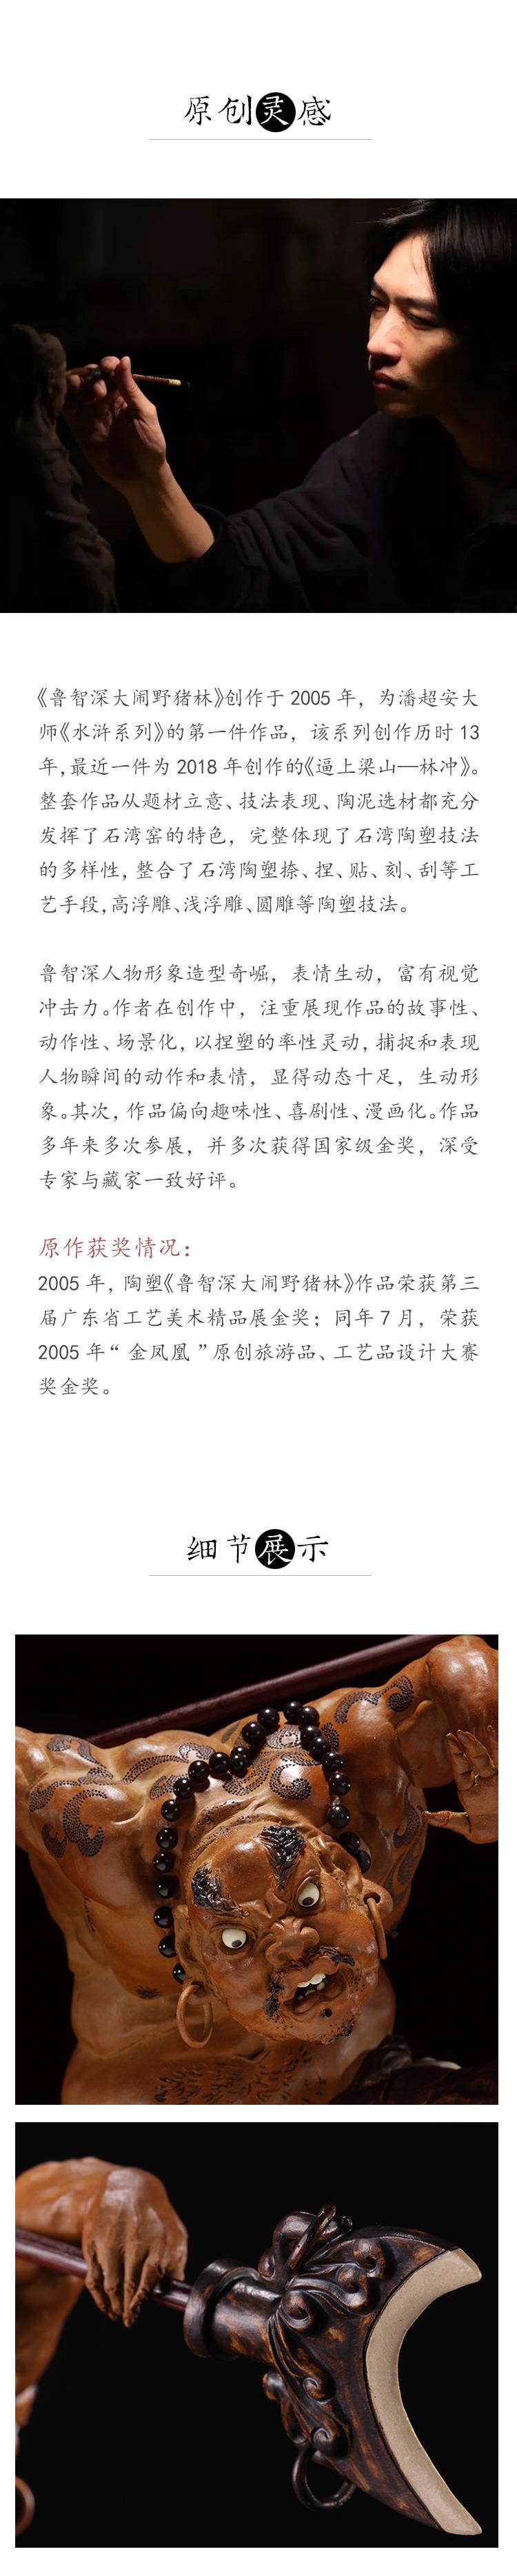 鲁智深大闹野猪林_04.jpg